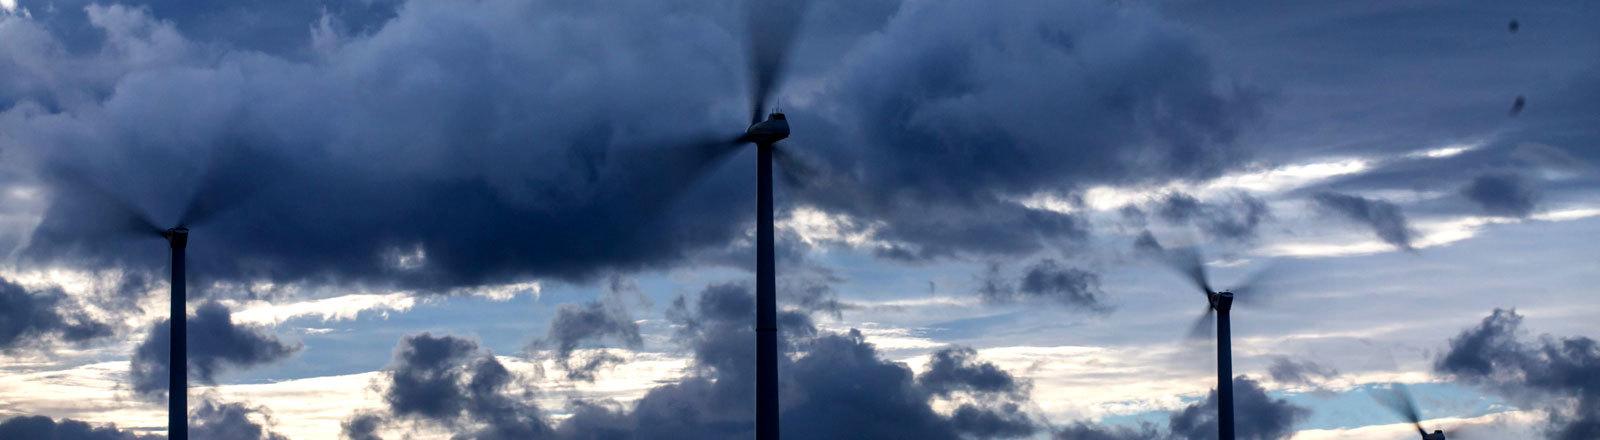 Windräder bei starkem Wind